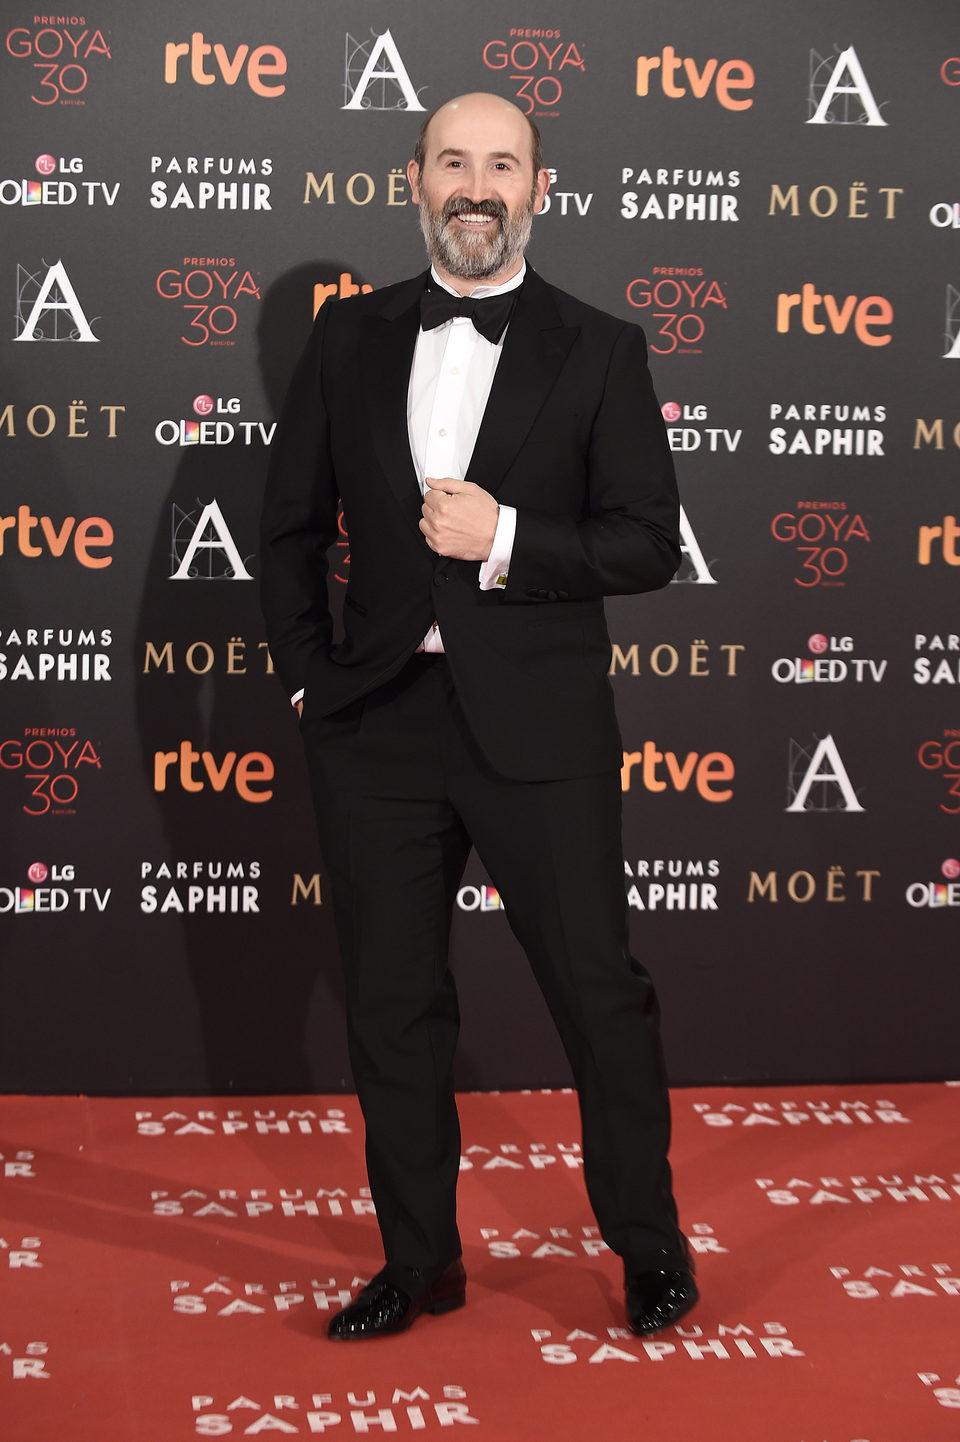 Javier Cámara en la alfombra roja de los Premios Goya 2016